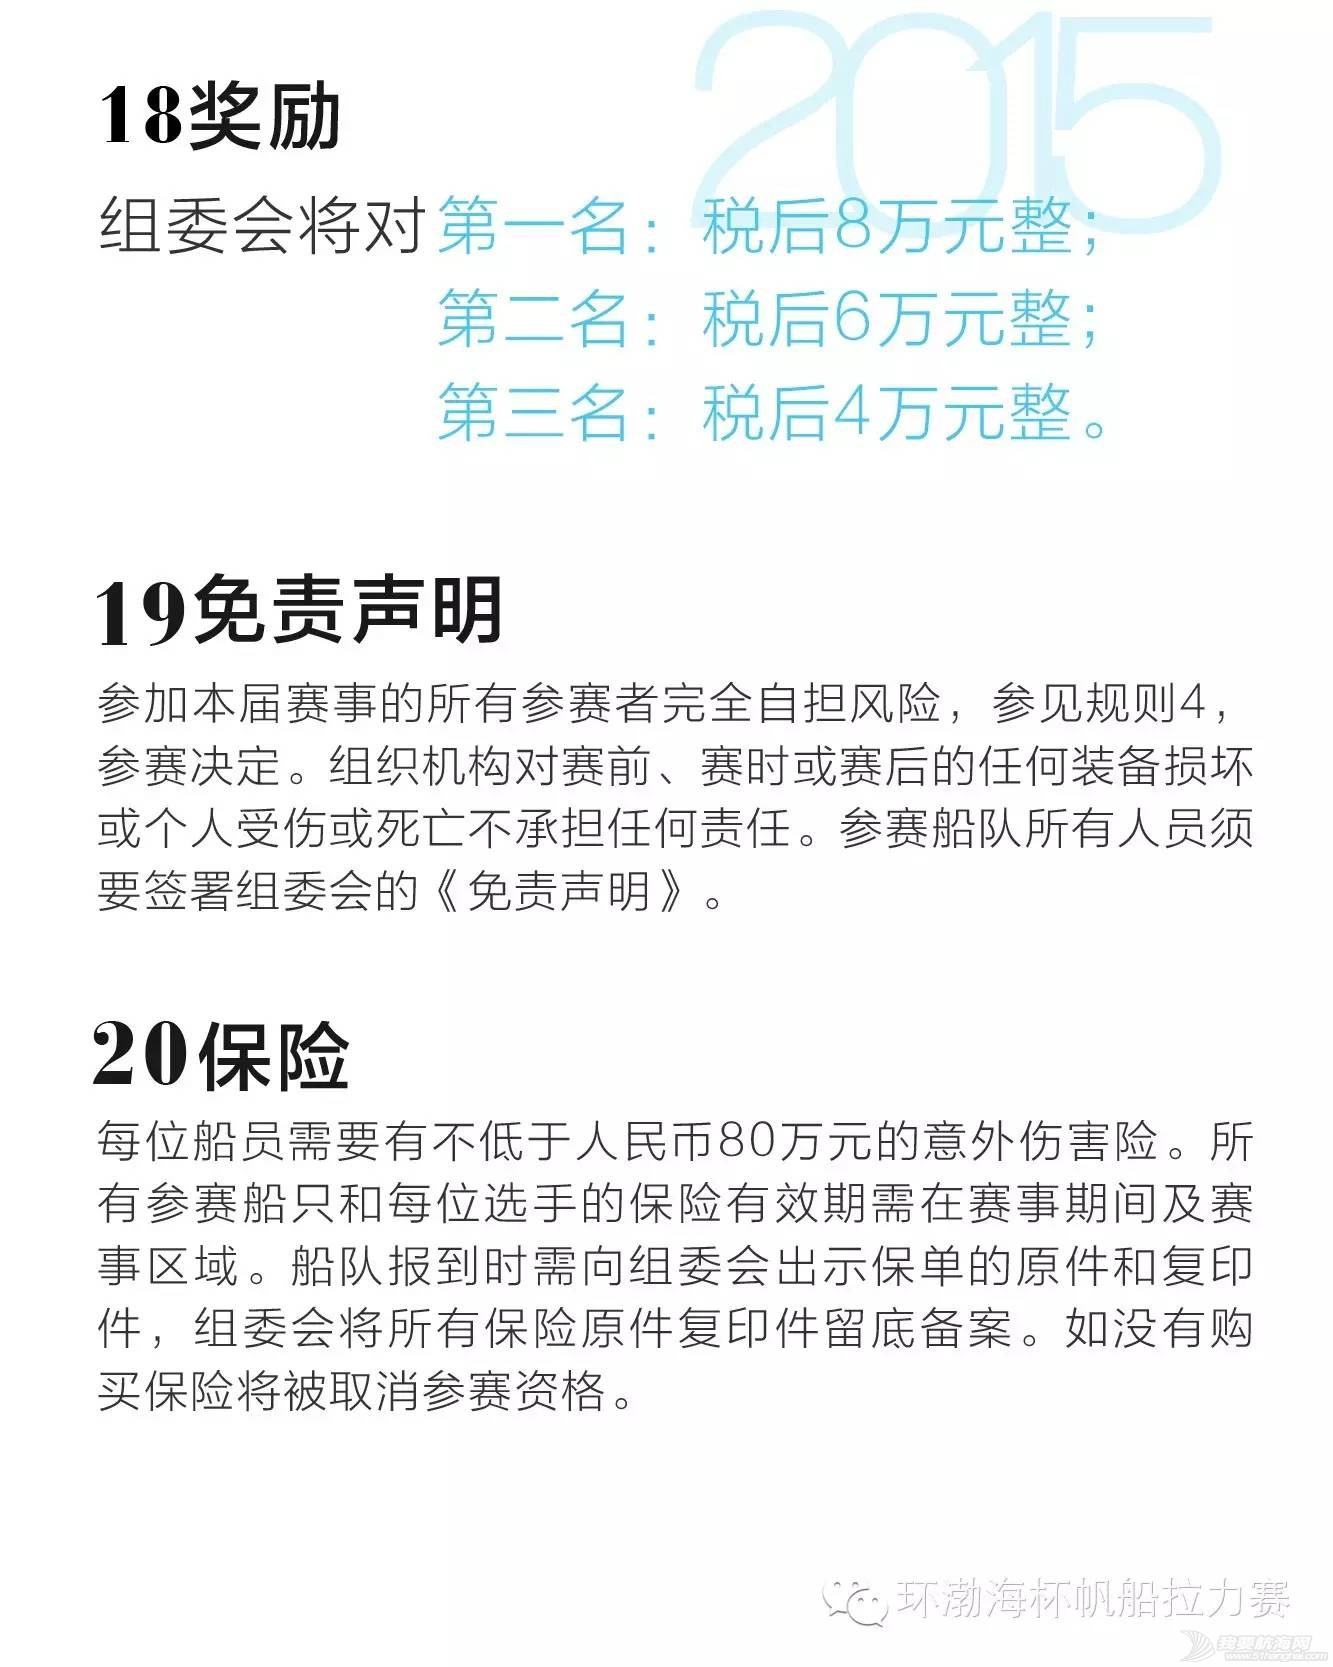 拉力赛,中国,渤海,帆船 2015中国环渤海帆船拉力赛竞赛通知 0eea5eb7103545f4cea682a89feb4e55.jpg